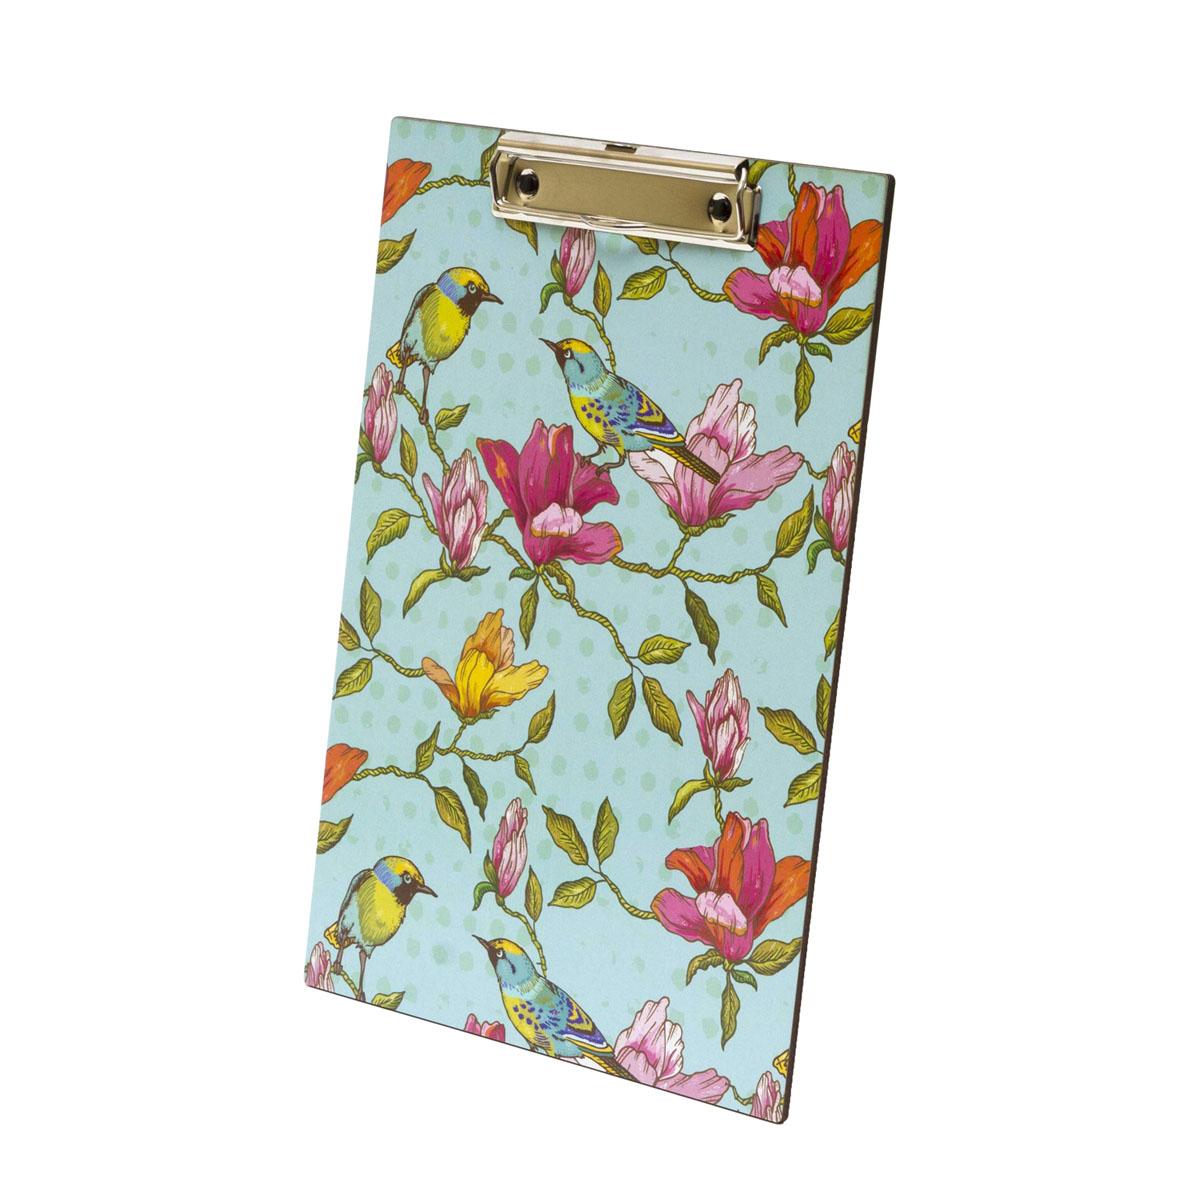 Планшет для документов Homsu, 31,5 x 22,5 смHOM-82Планшет для документов пригодится в любом офисе или доме. Он имеет спициальное крепление, благодаря которому очень удобно крепить на нем бумагу формата А4 и делать пометки, когда нет возможности записать что-то сидя за столом. Расцветка планшета - цветы и птицы, оформленные в нежных тонах. Фактический цвет может отличаться от заявленного.